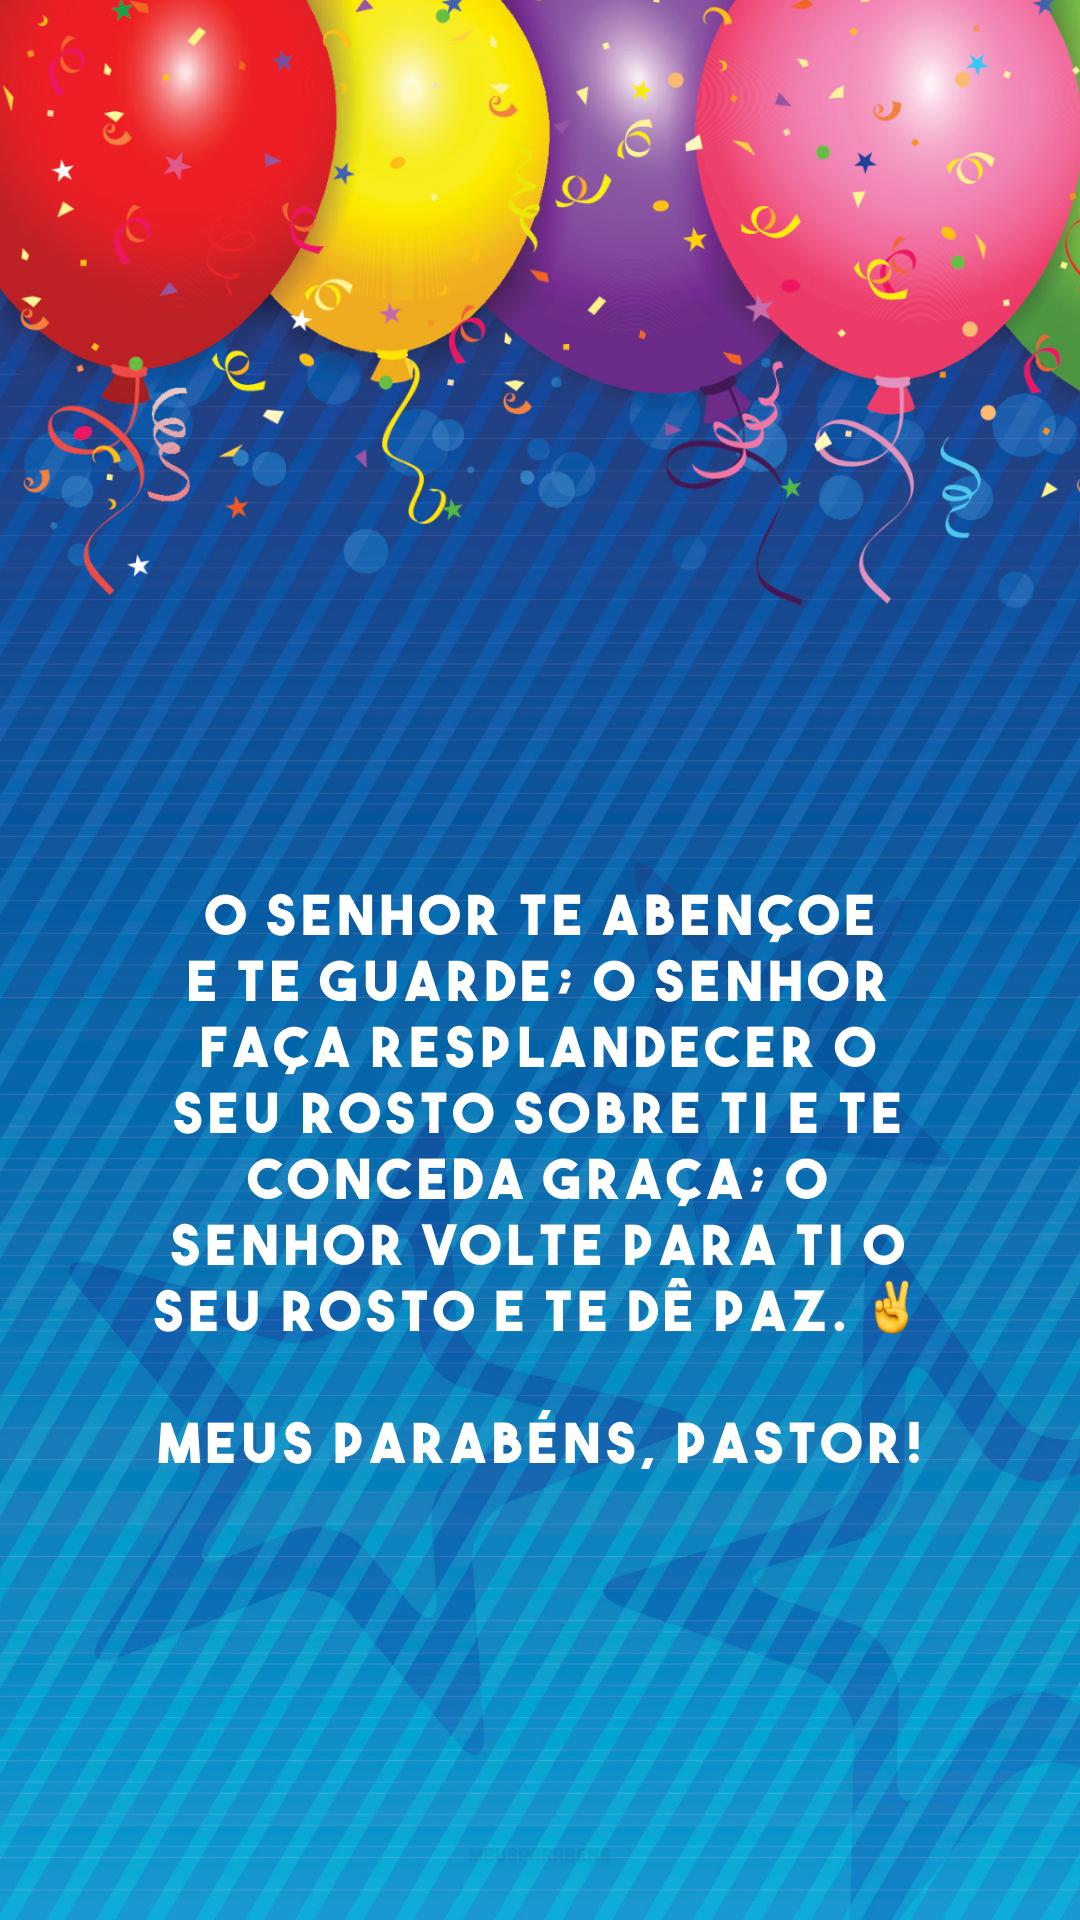 O Senhor te abençoe e te guarde; o Senhor faça resplandecer o seu rosto sobre ti e te conceda graça; o Senhor volte para ti o seu rosto e te dê paz. ✌️ Meus parabéns, pastor!